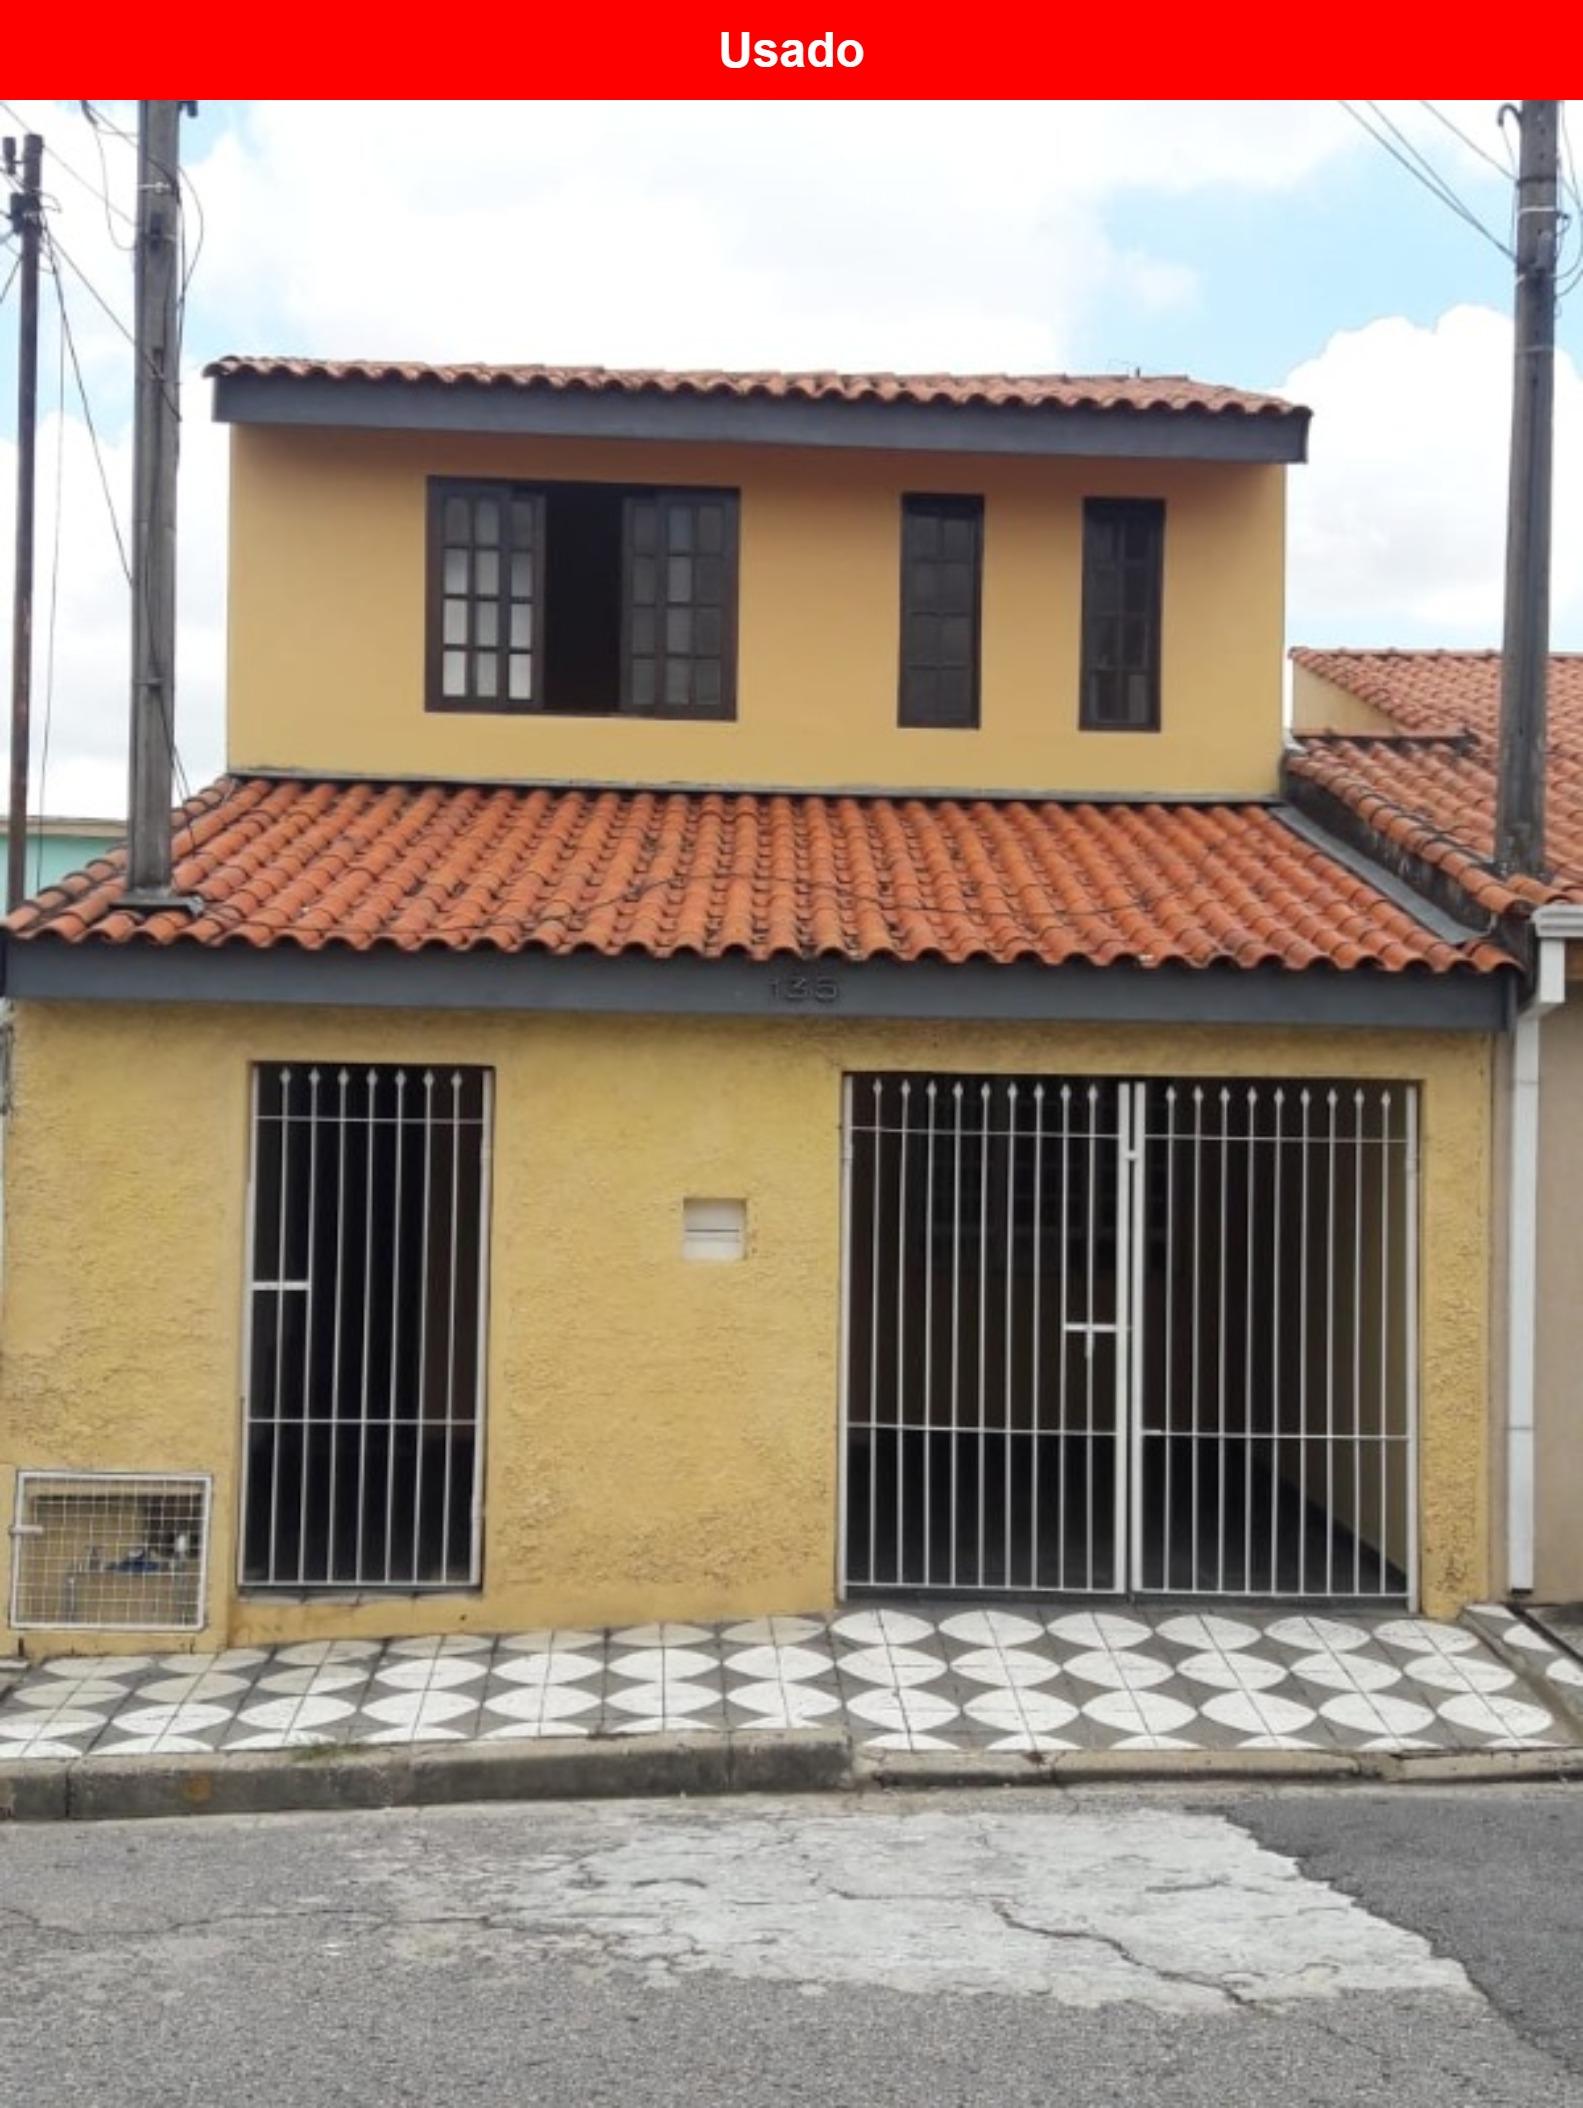 Casa a venda no JARDIM PARADA DO ALTO, Sorocaba - SP